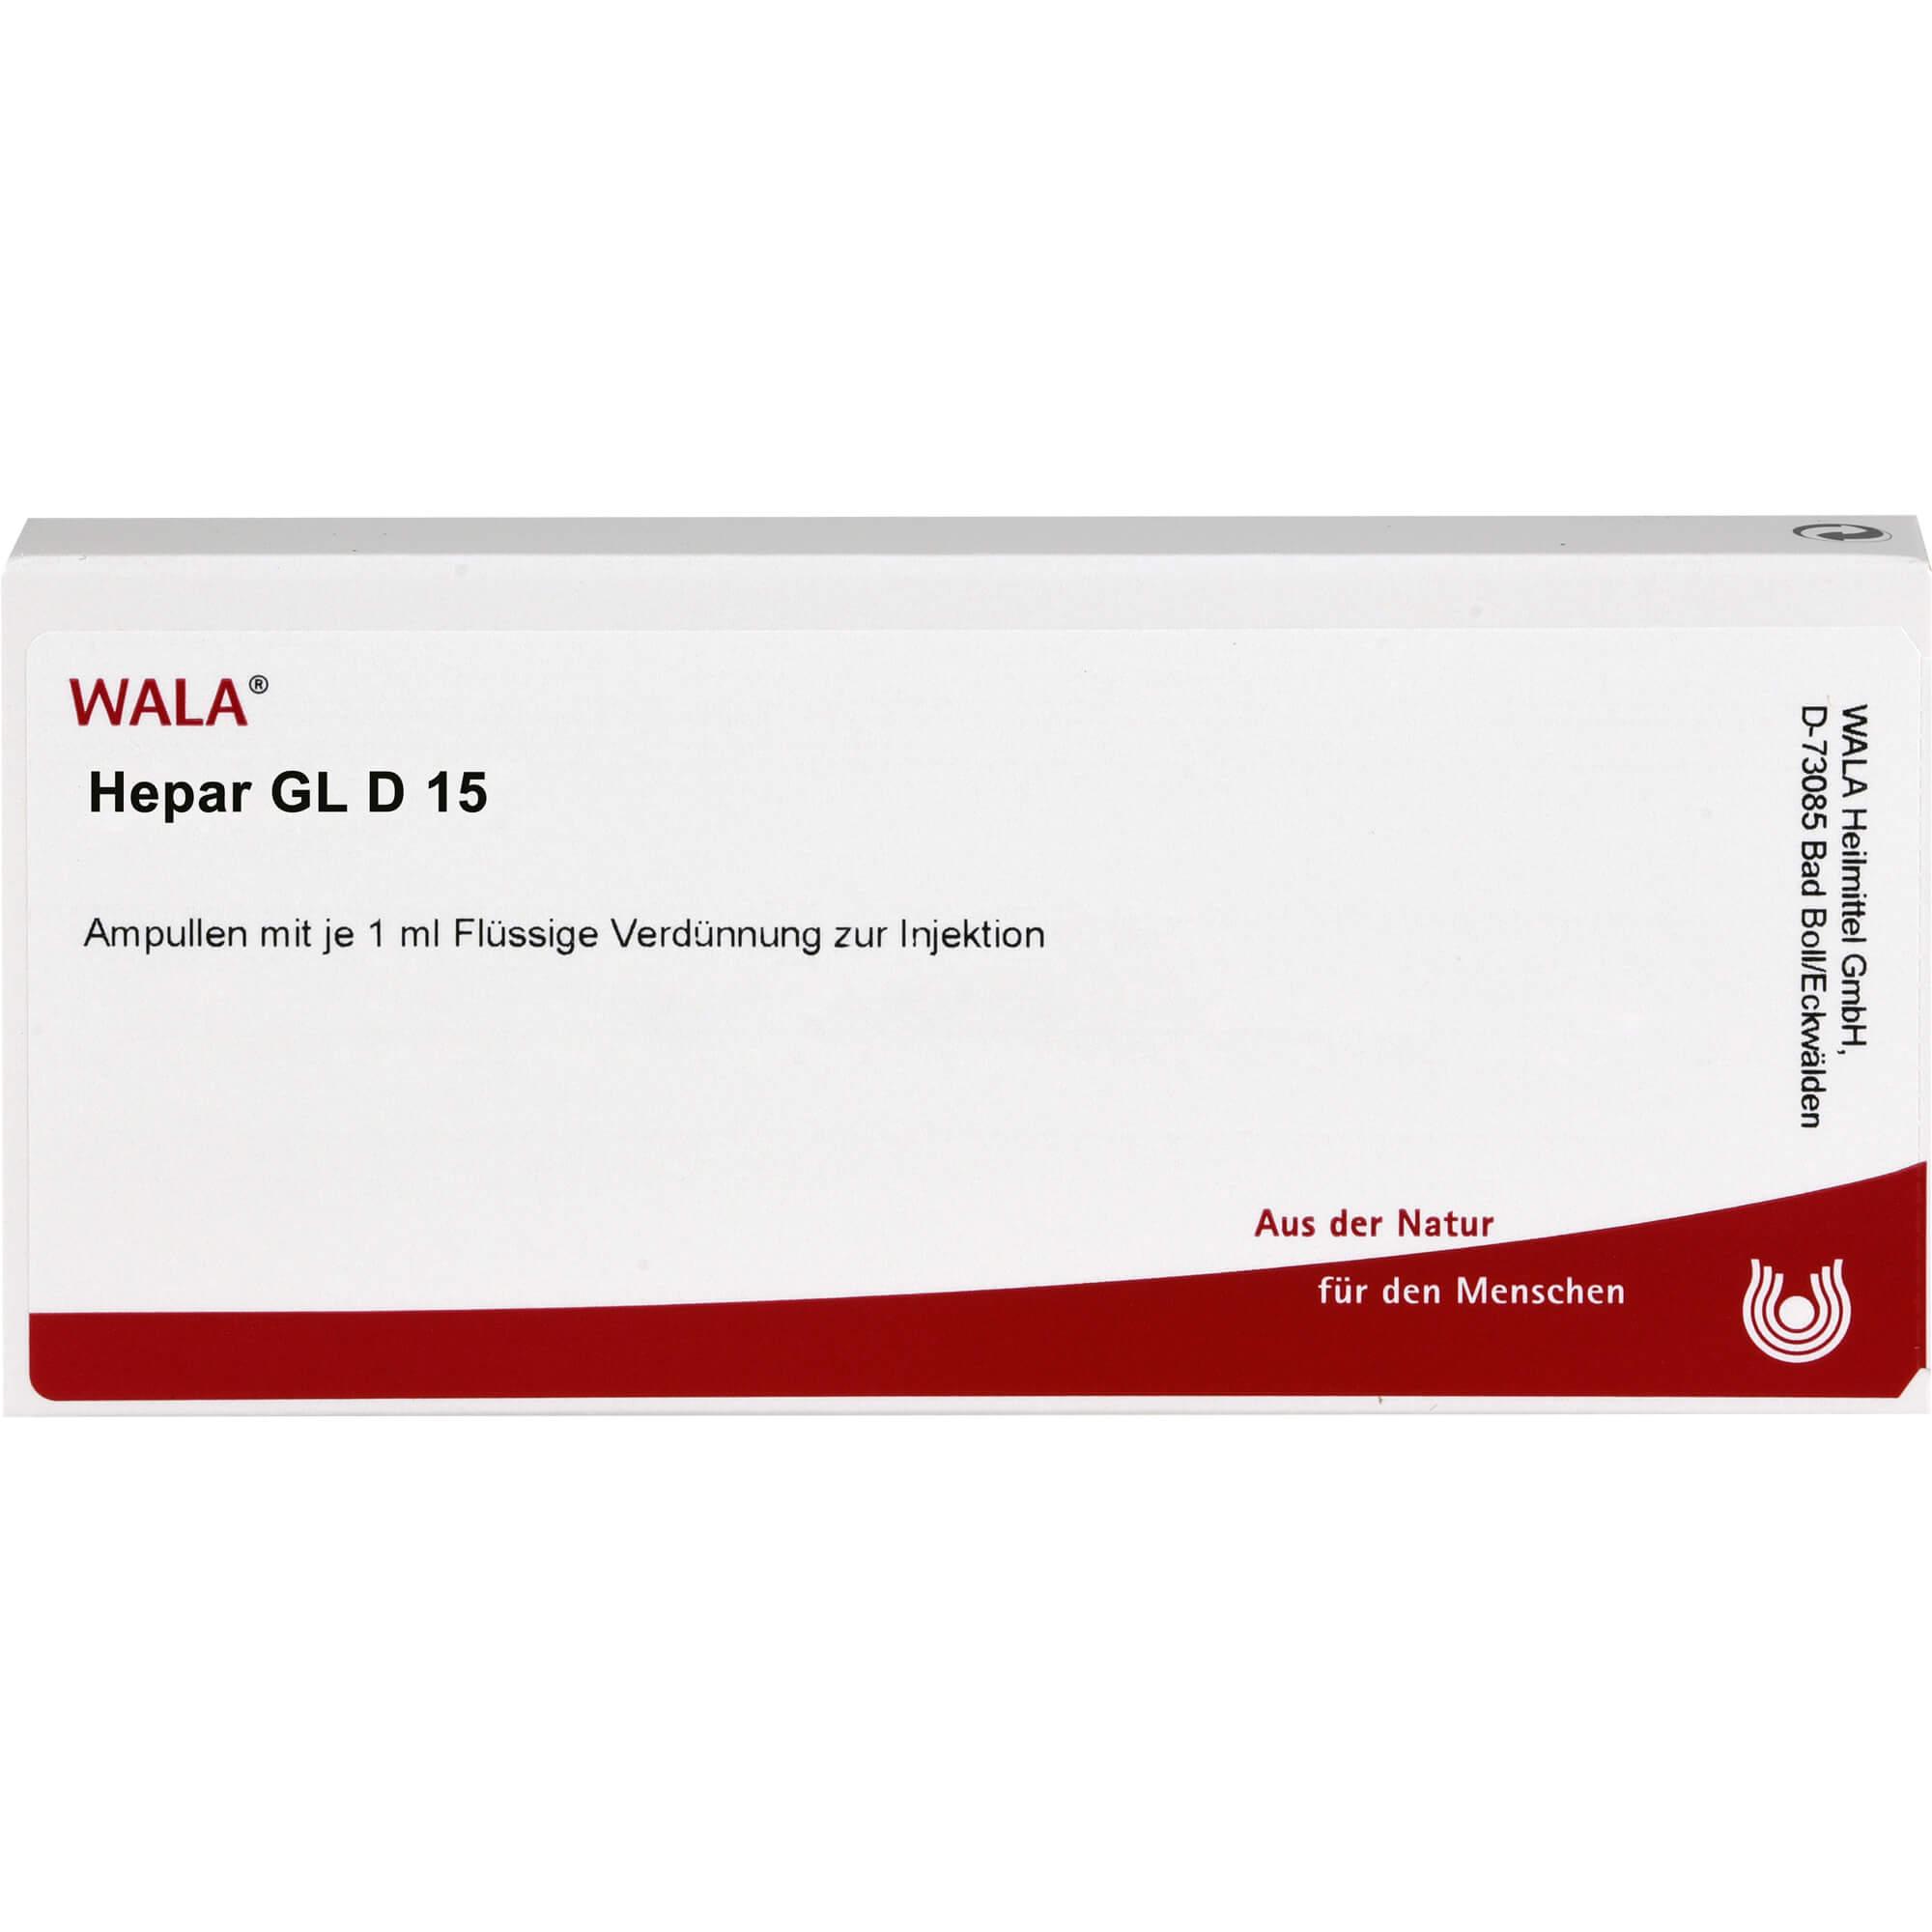 HEPAR GL D 15 Ampullen